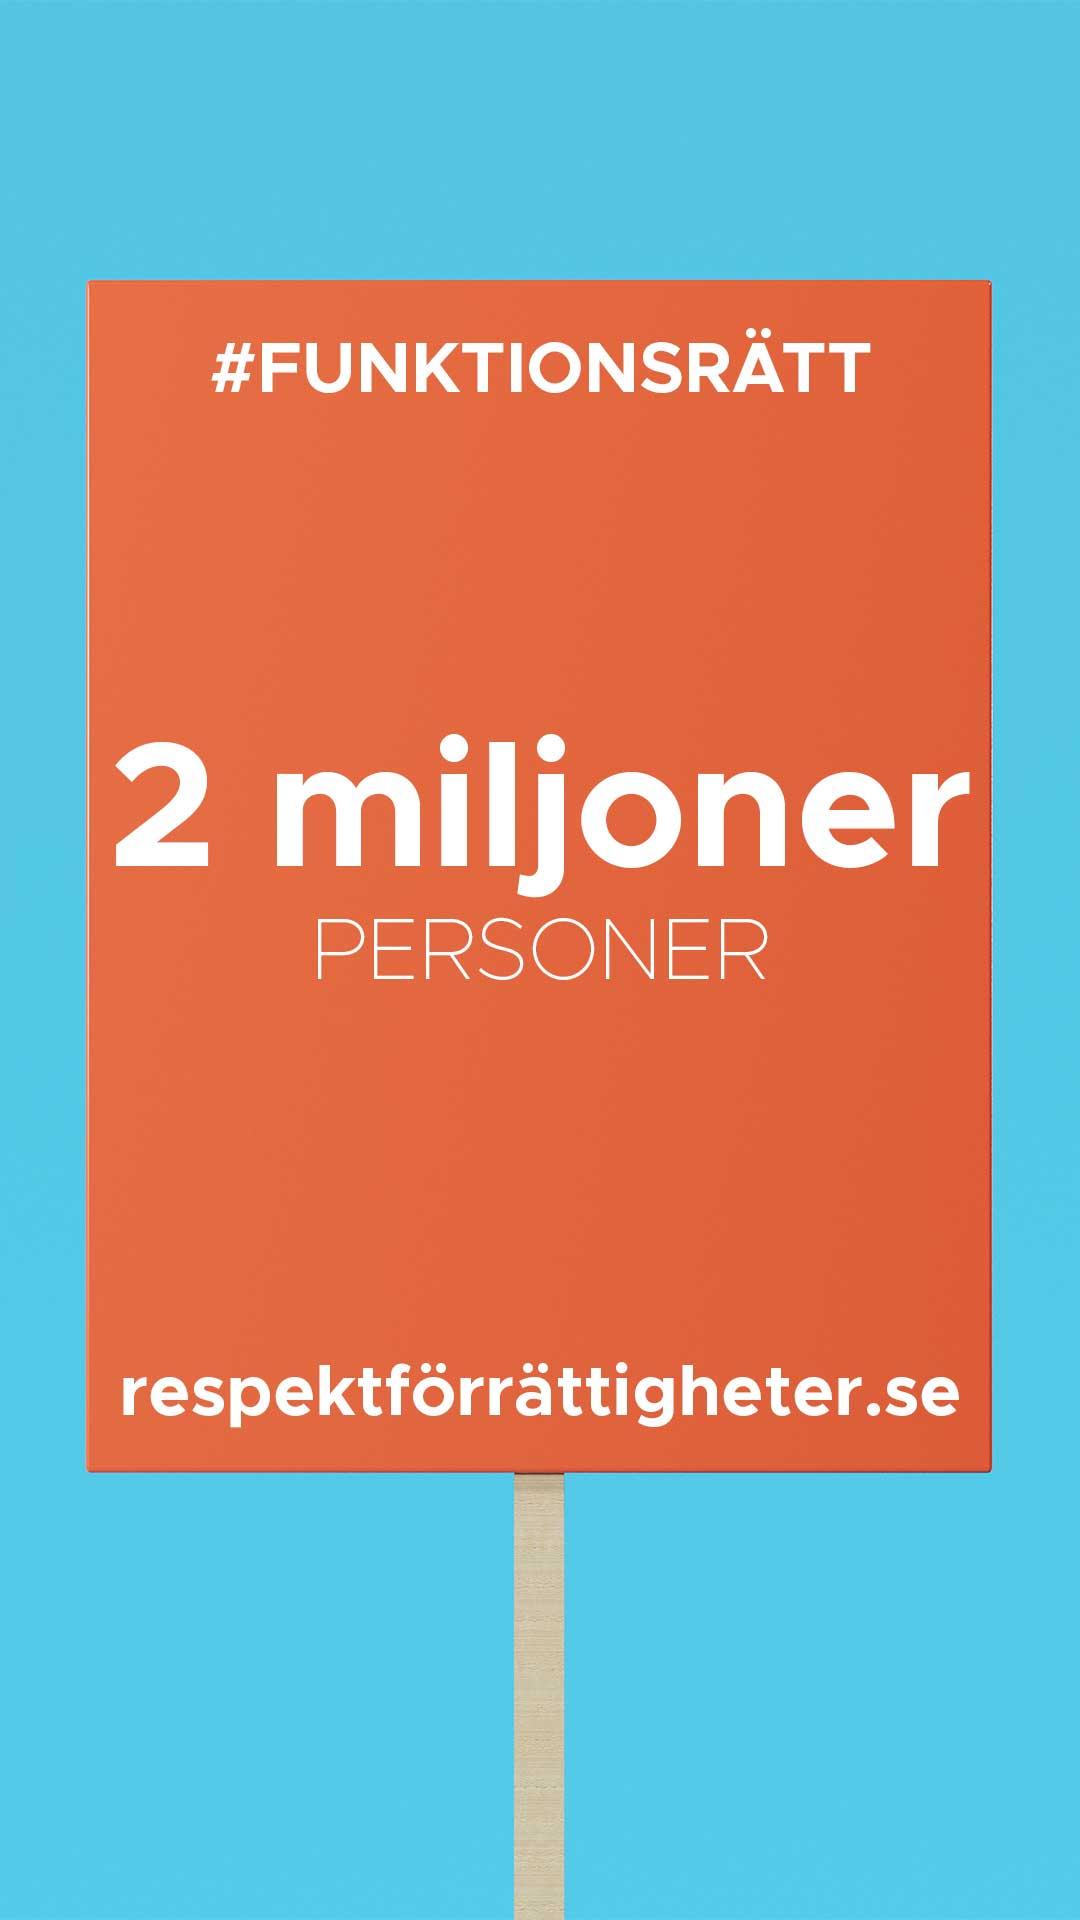 protestplakat med text: funktionsrätt, 2 miljoner personer, repsektförrättigheter.se